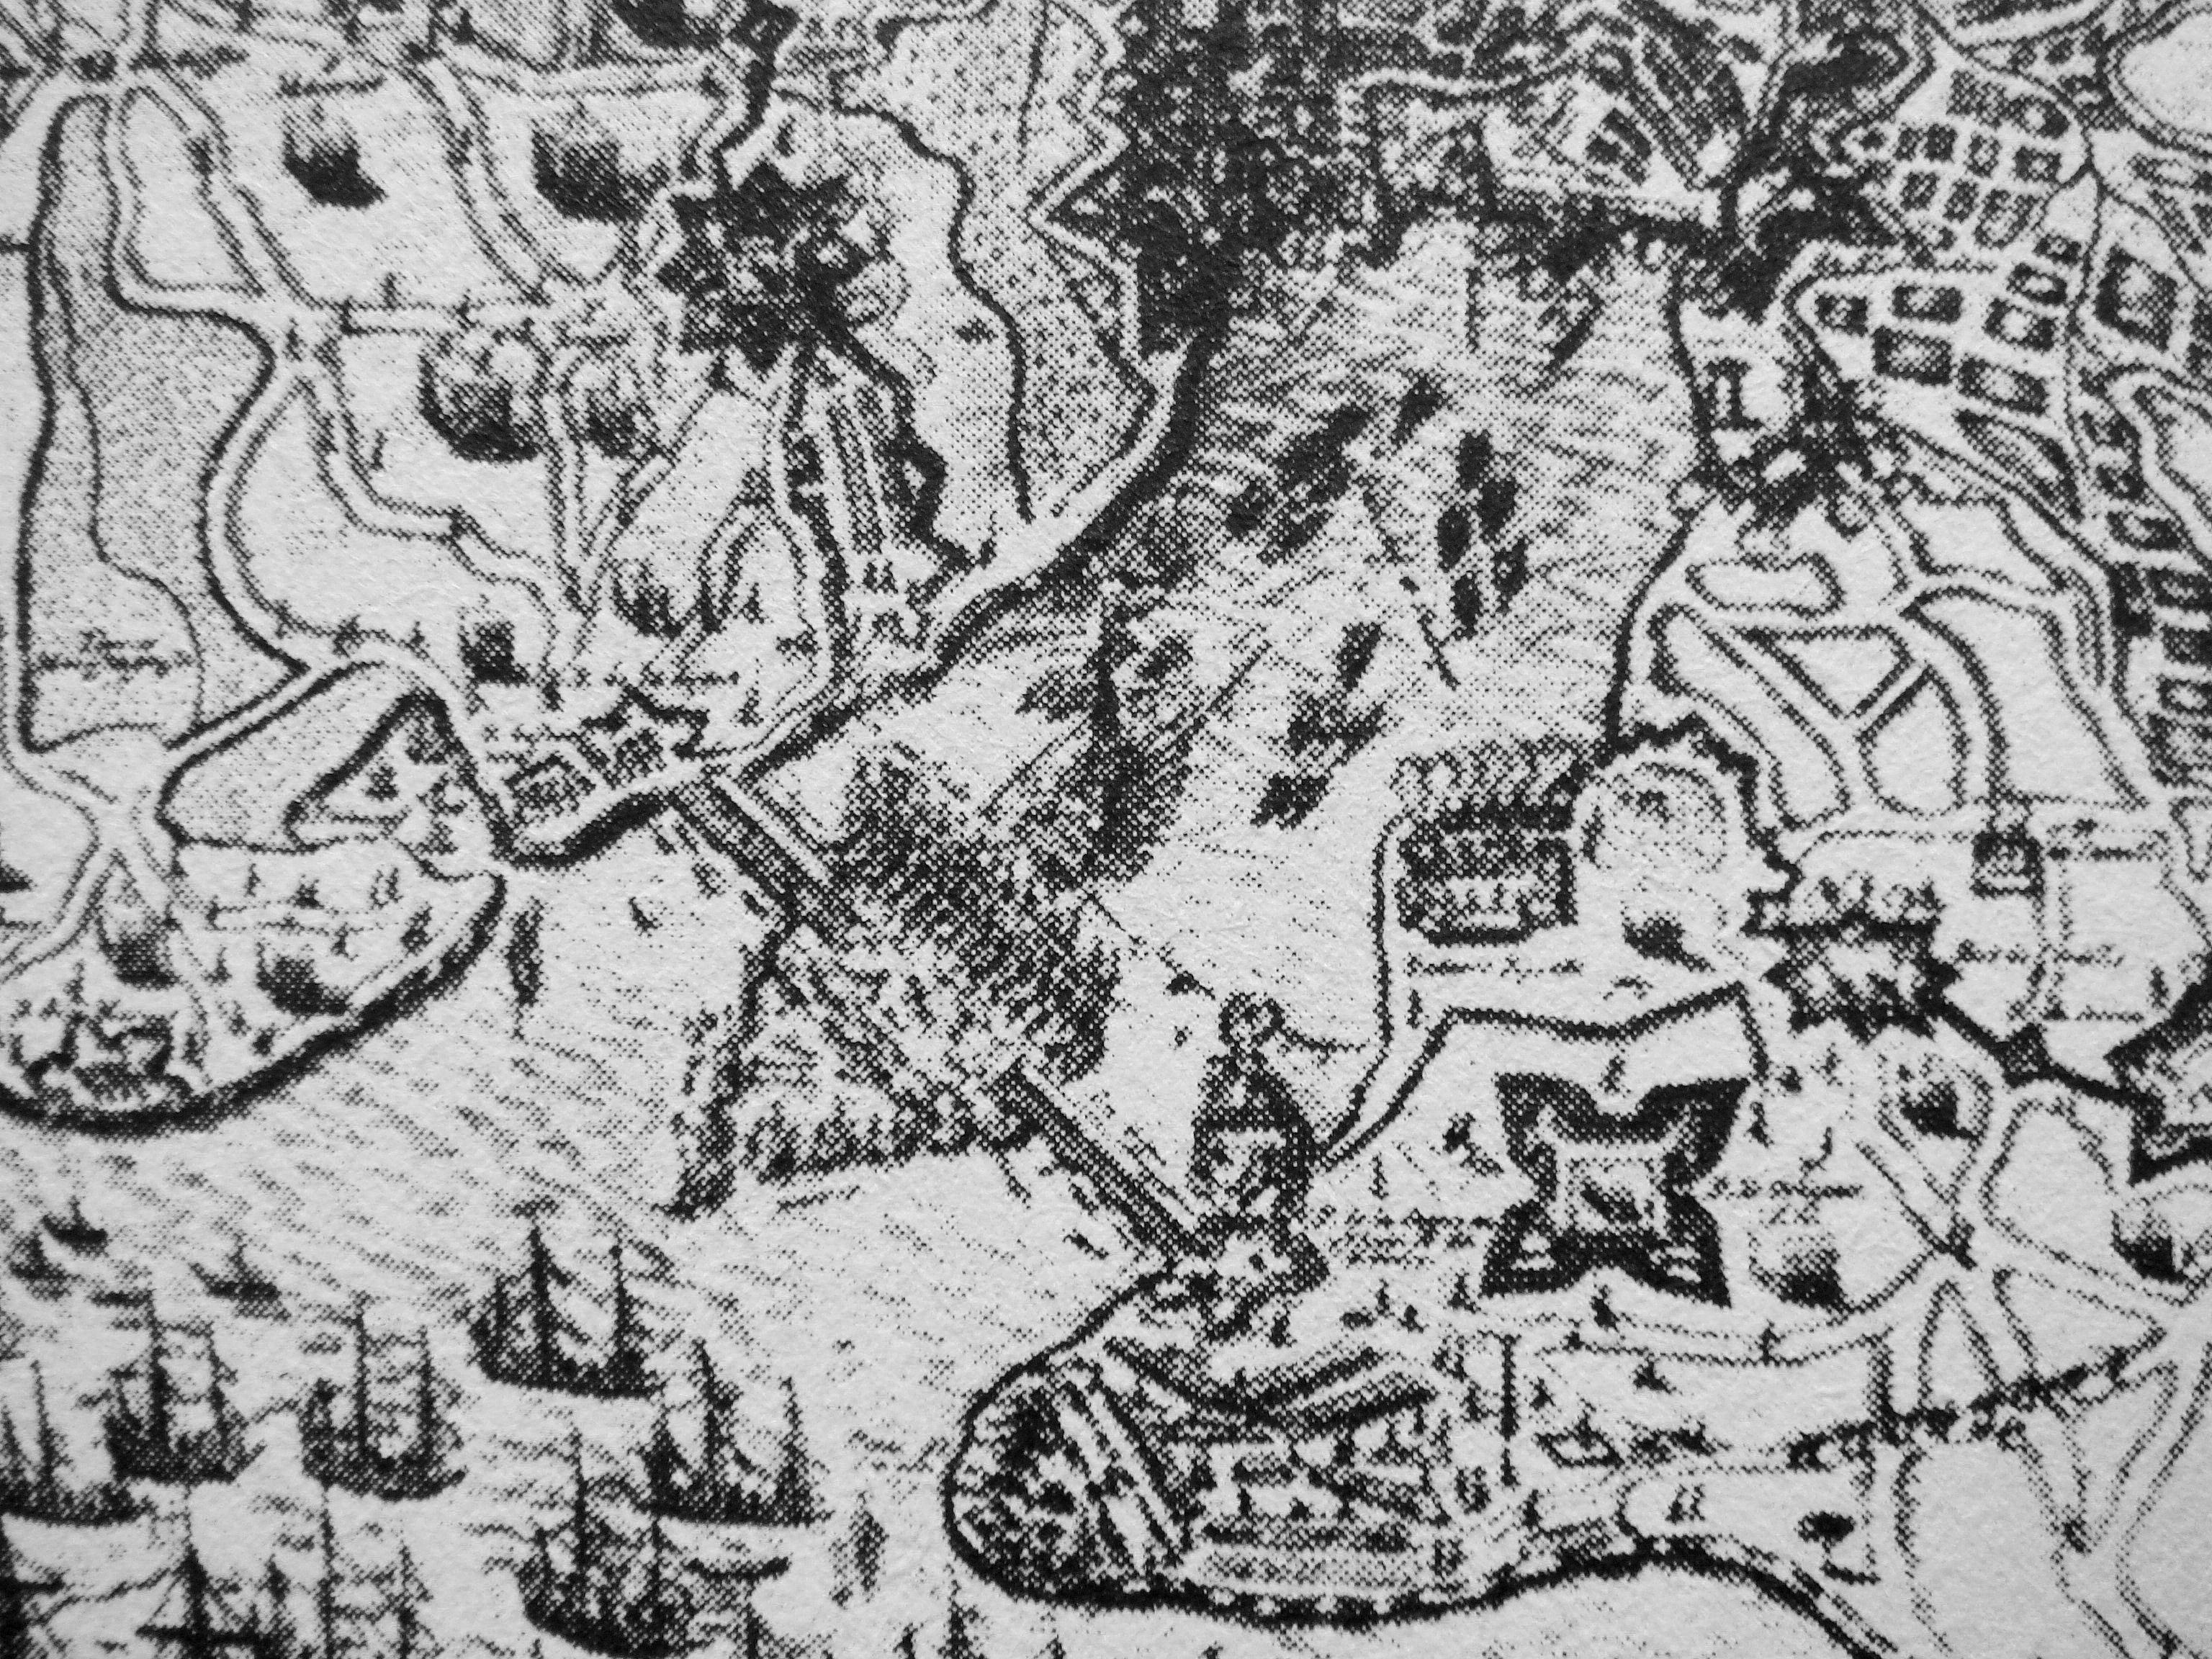 File:La Rochelle during the 1628 siege seawall.jpg